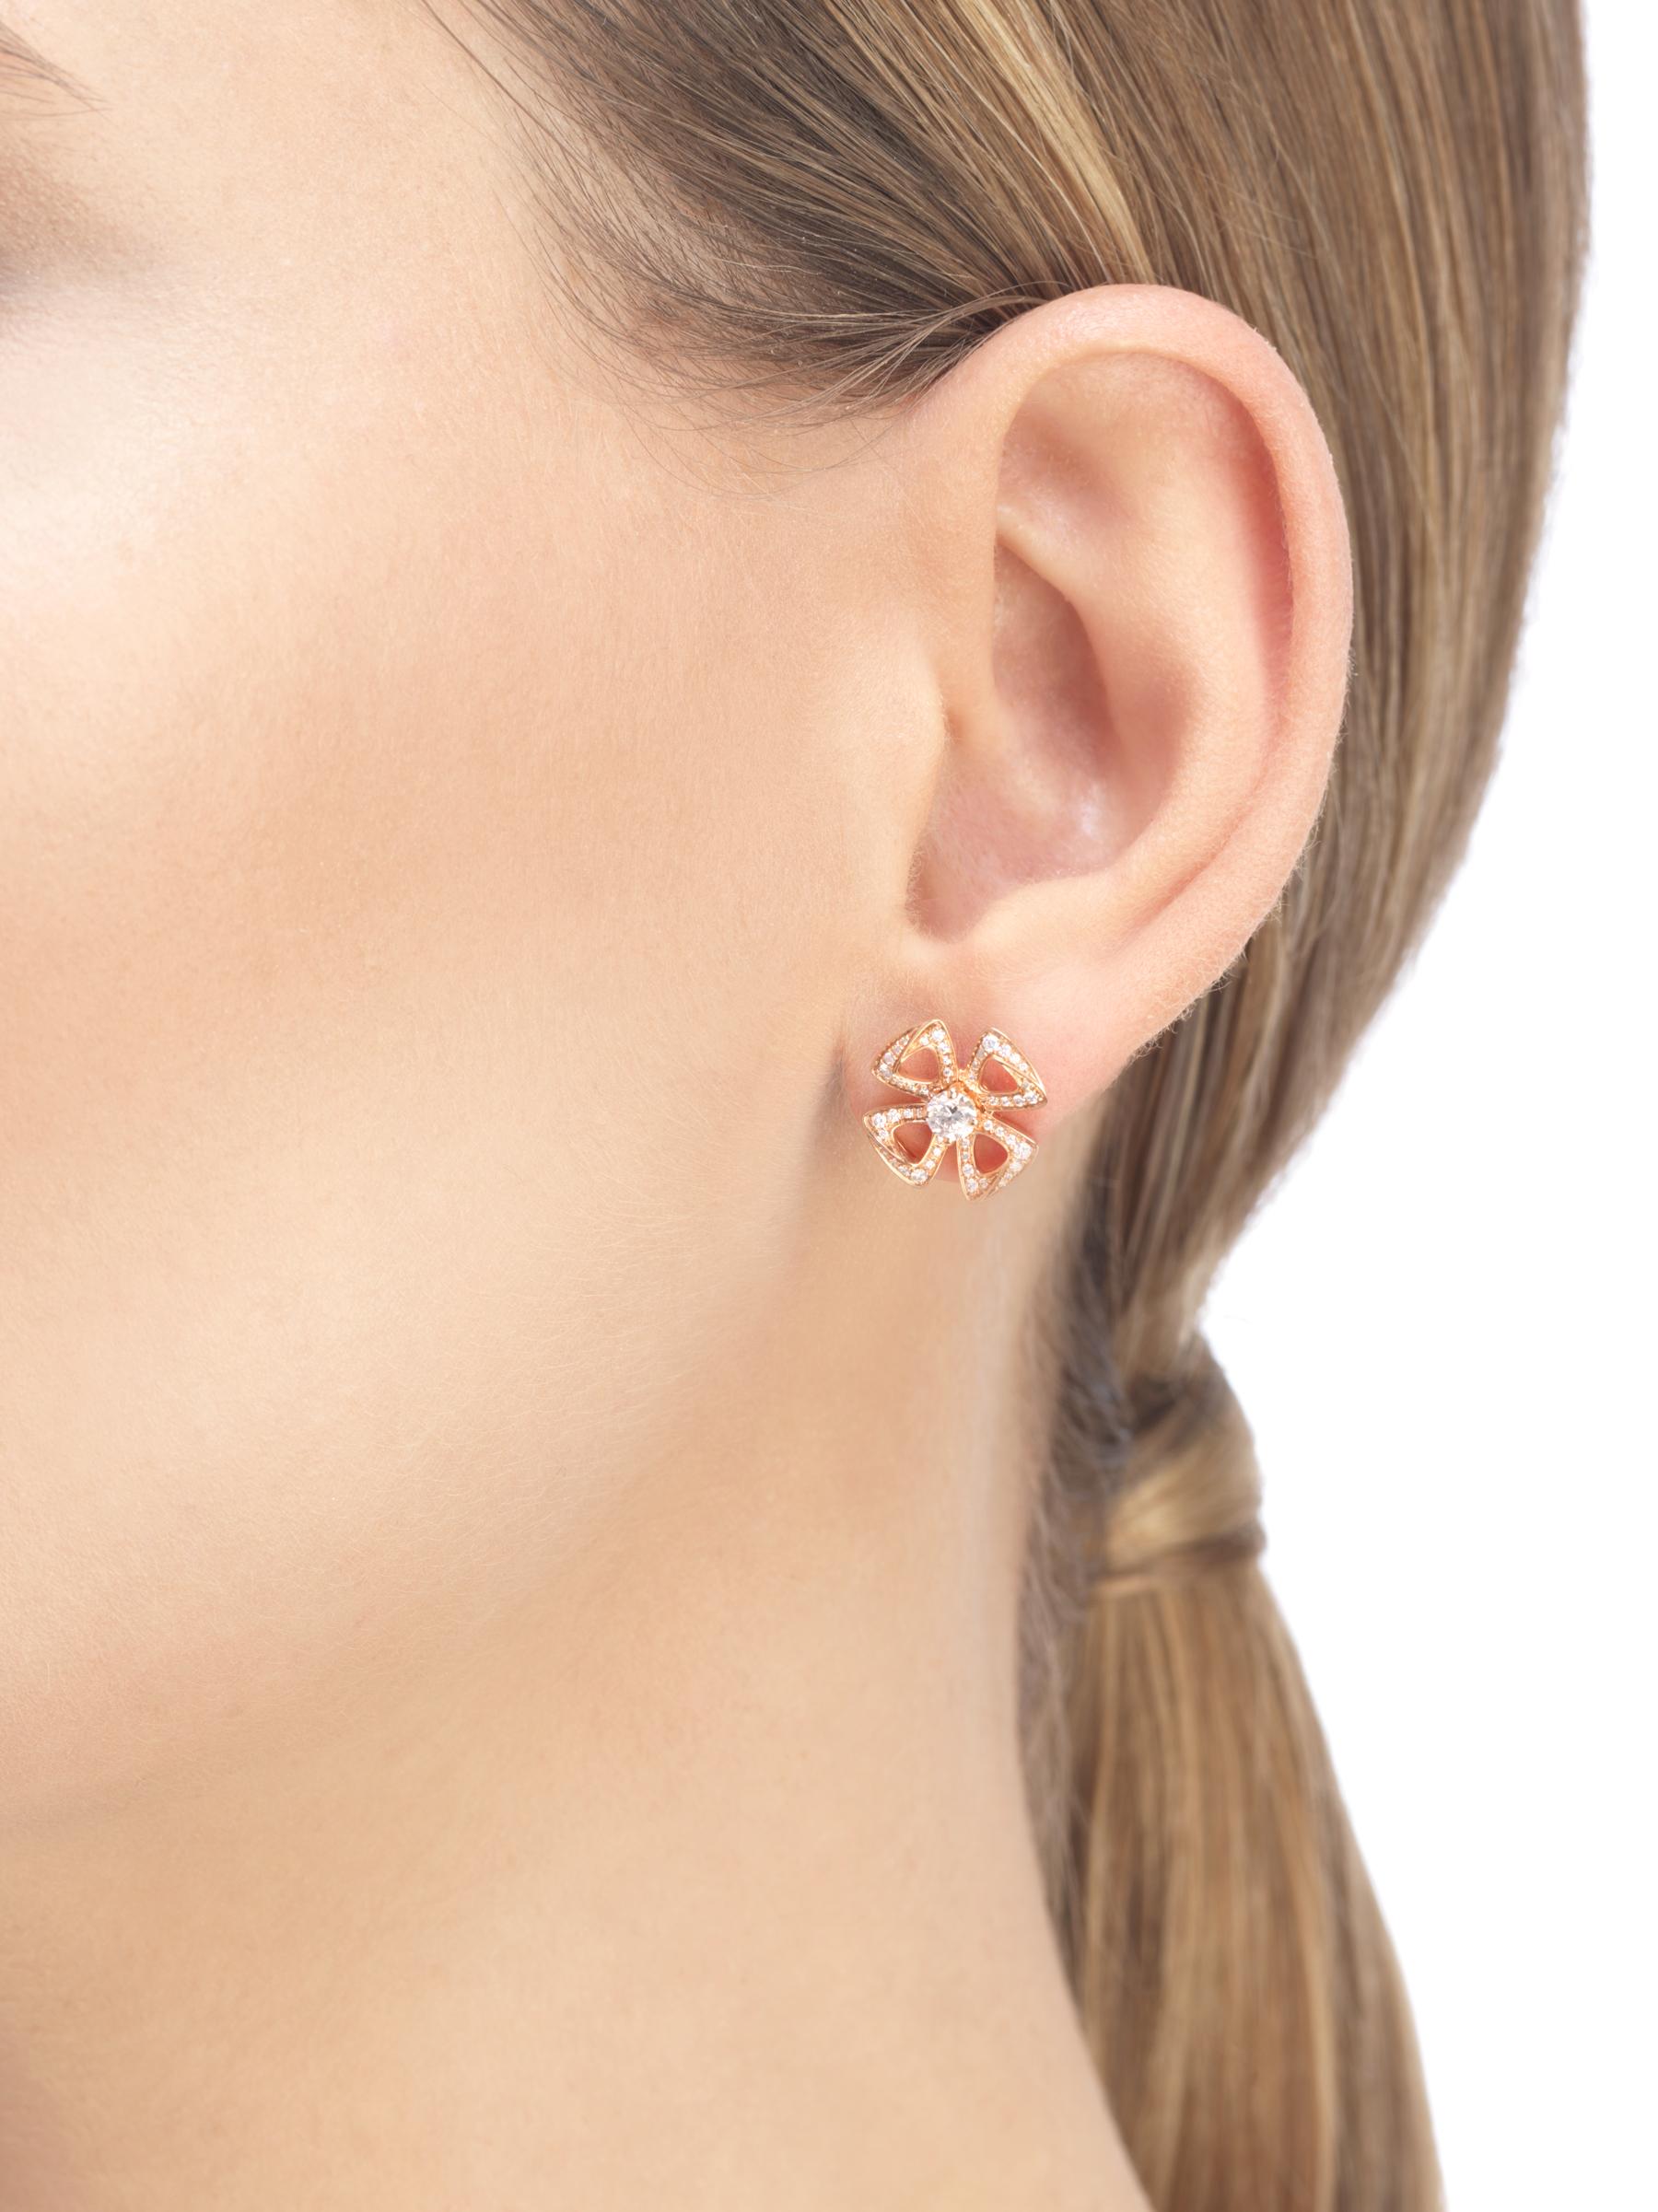 Brincos Fiorever em ouro rosa 18K cravejados com dois diamantes centrais e pavê de diamantes 355887 image 4